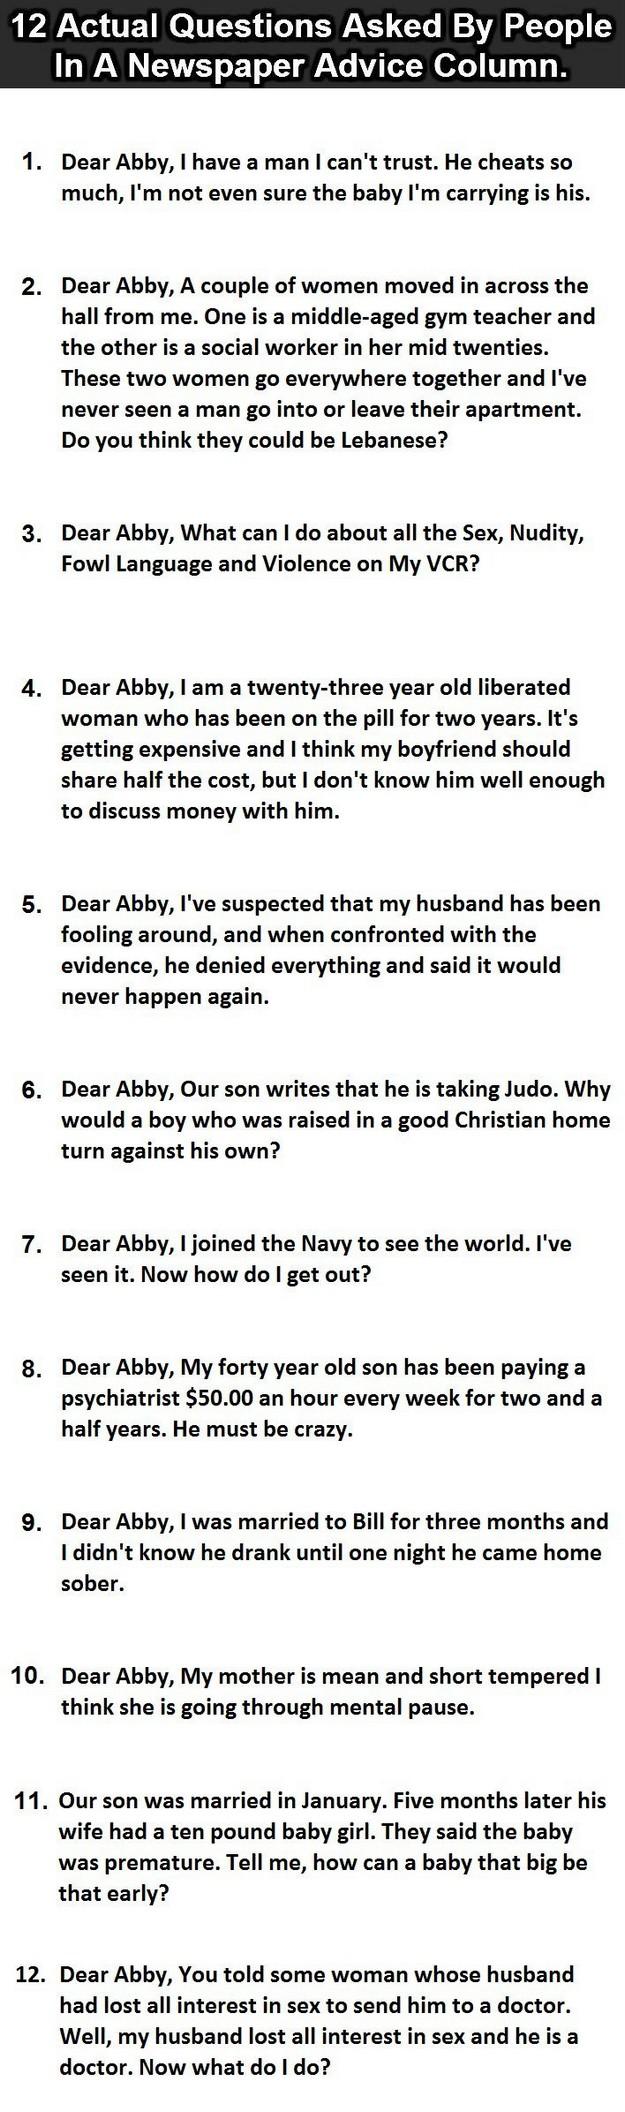 Dear abby3